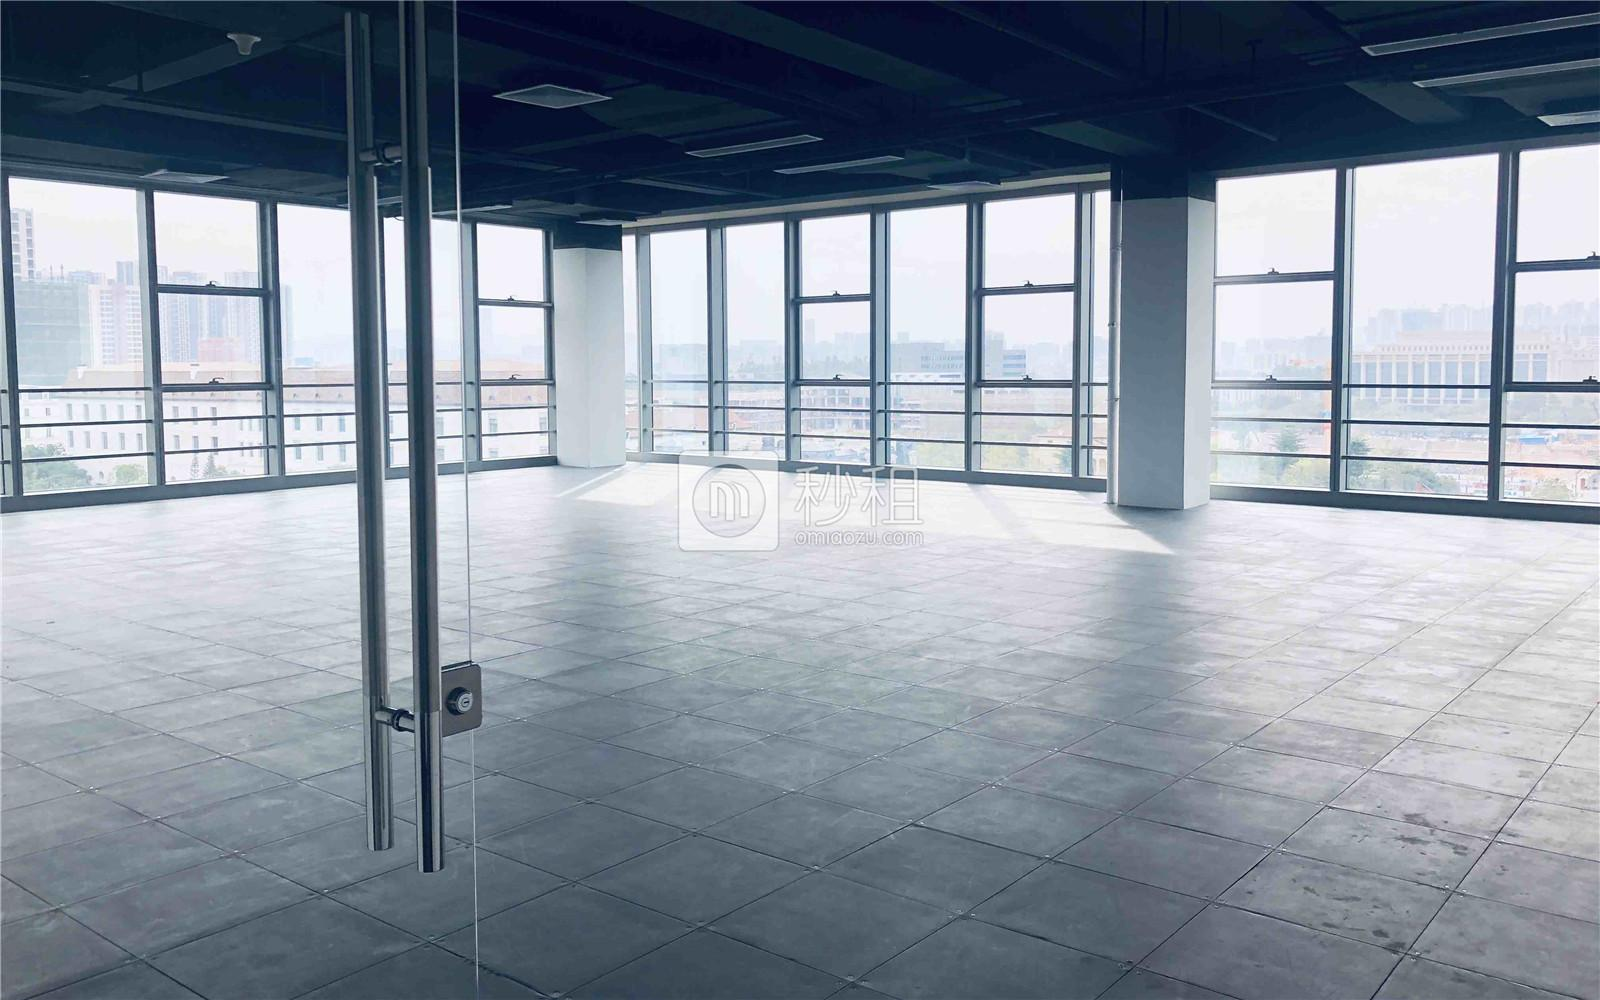 龙岗-坂田 有所为大厦 211m²